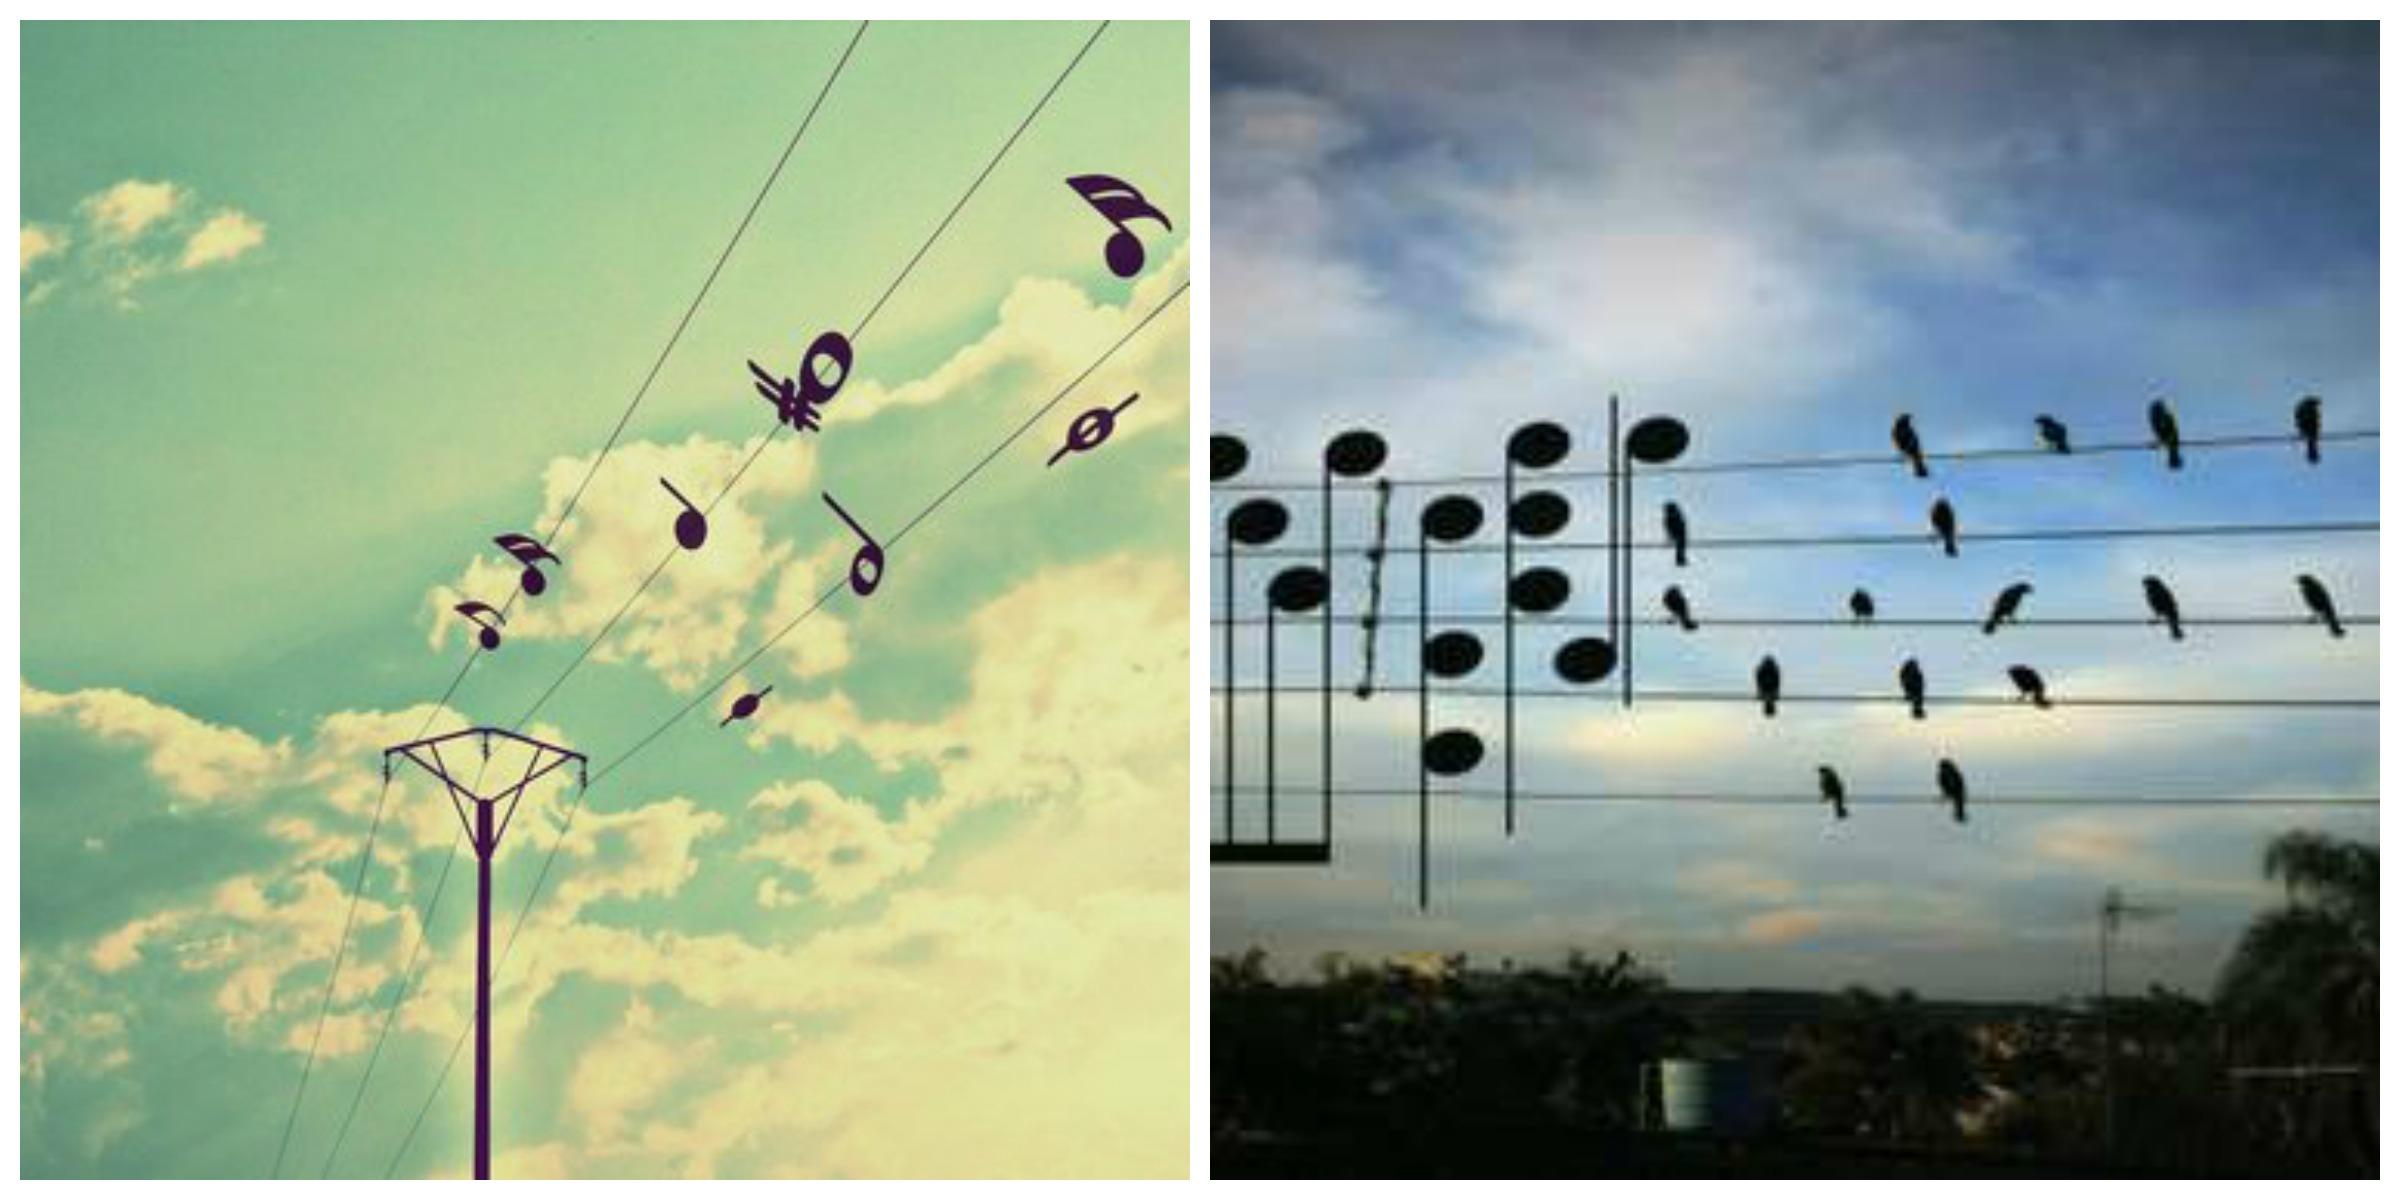 MoniaAngeli_sky music collage